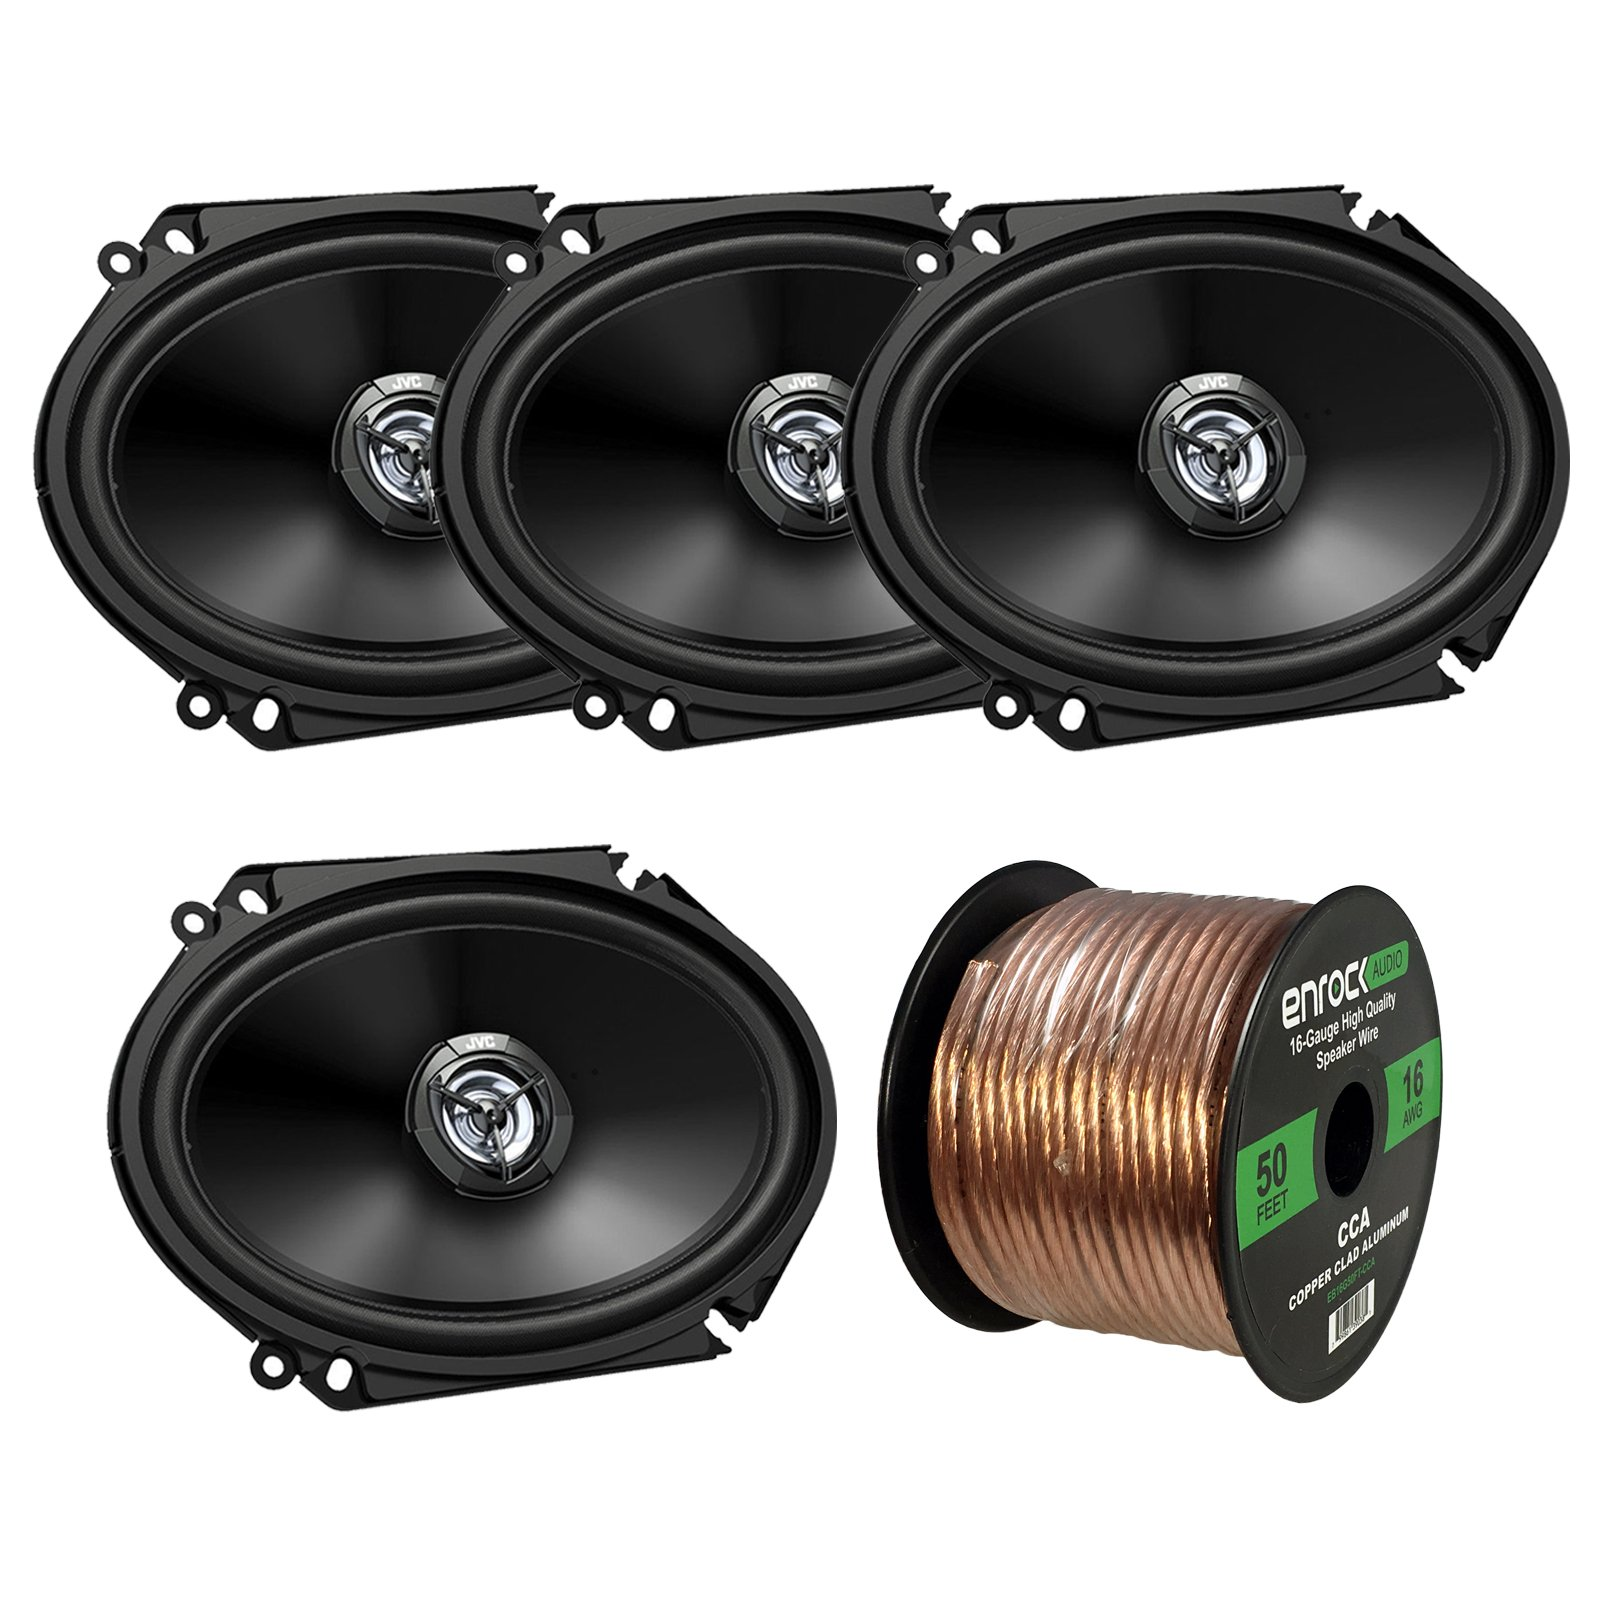 Car Speaker Package Of 4x (2 Pairs) JVC CS-DR6820 300-Watt 6x8'' Inch 2-Way Vehicle Stereo Coaxial Speakers Bundle Combo With Enrock 50 Foot 16 Gauge Speaker Wire